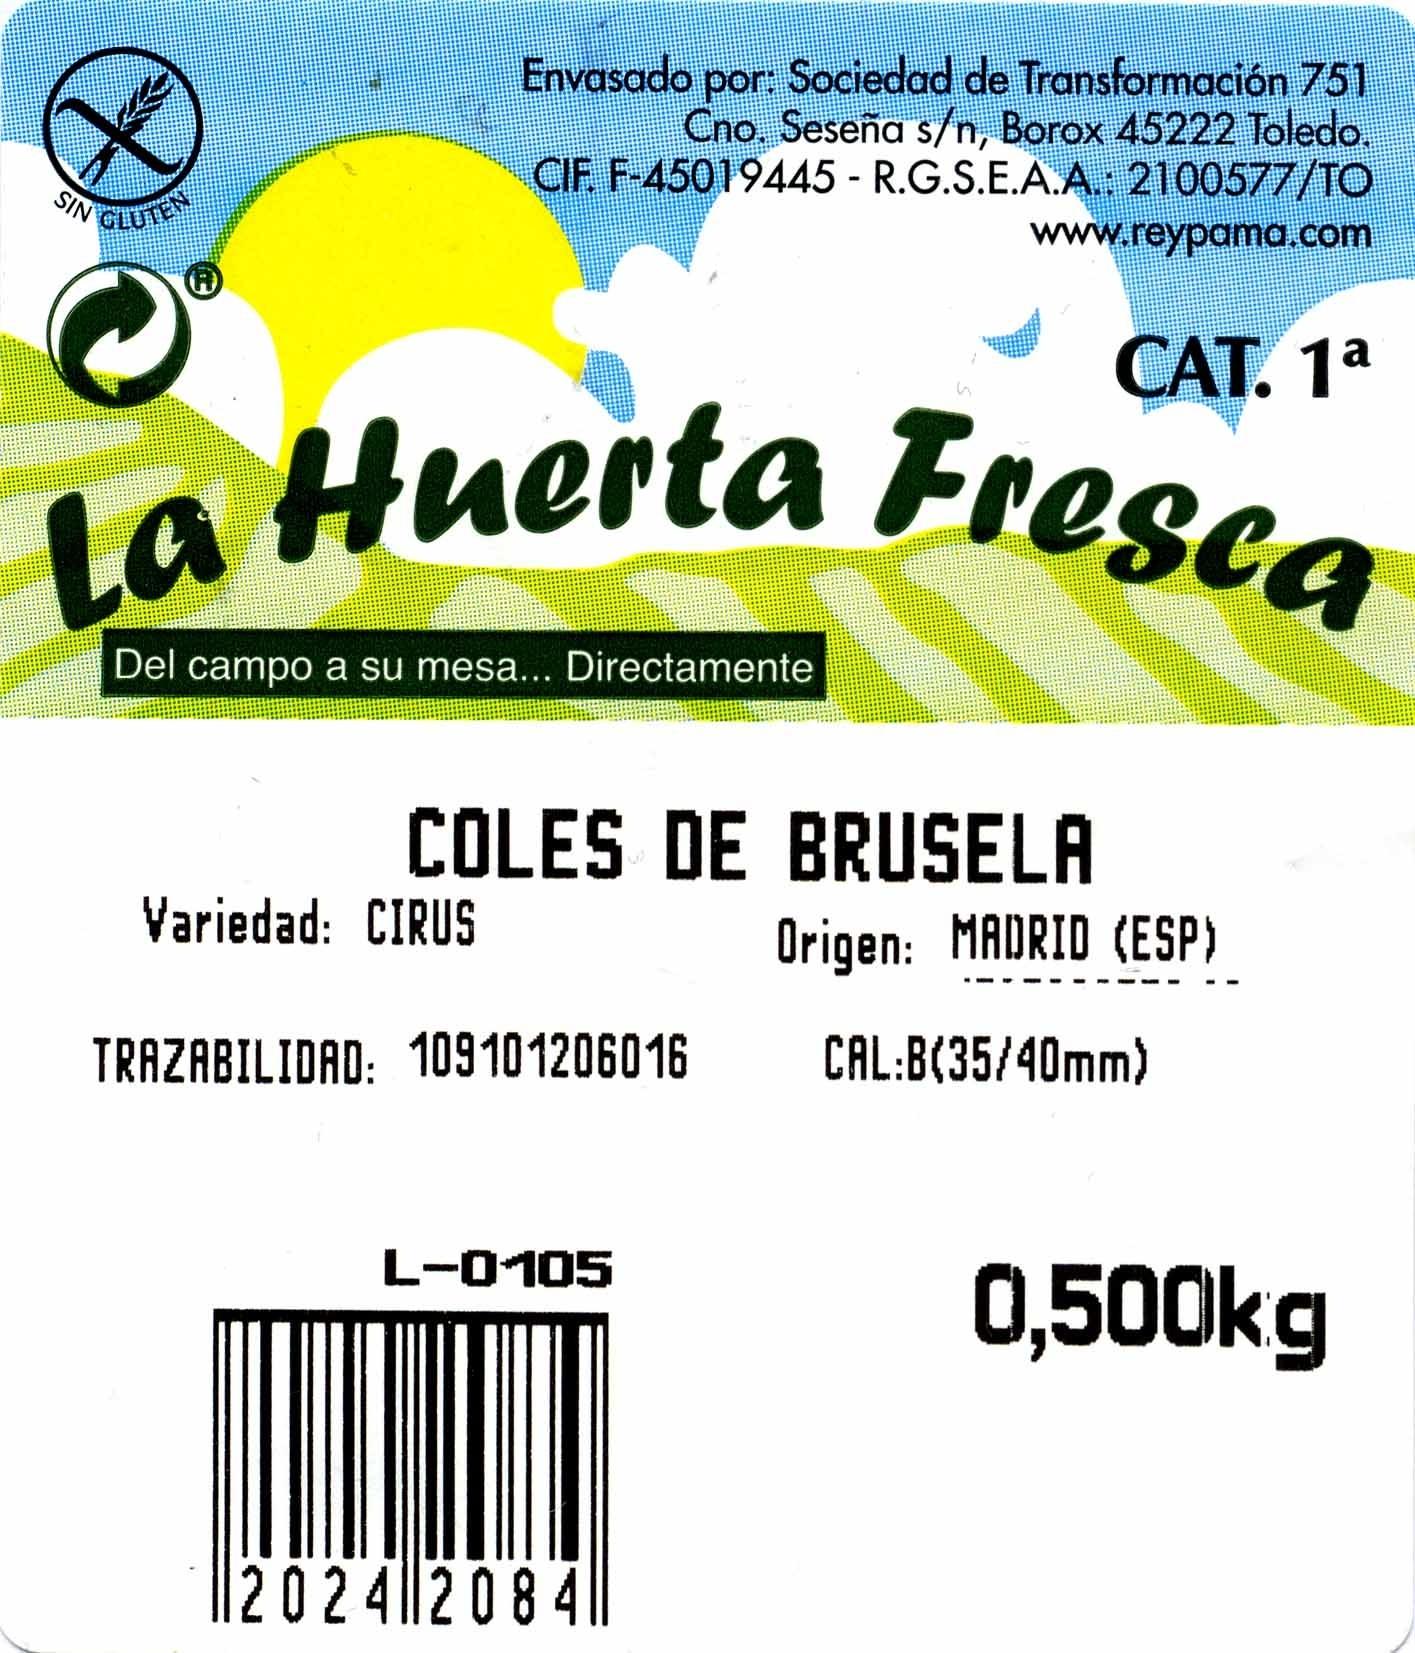 Coles de Bruselas - Ingredients